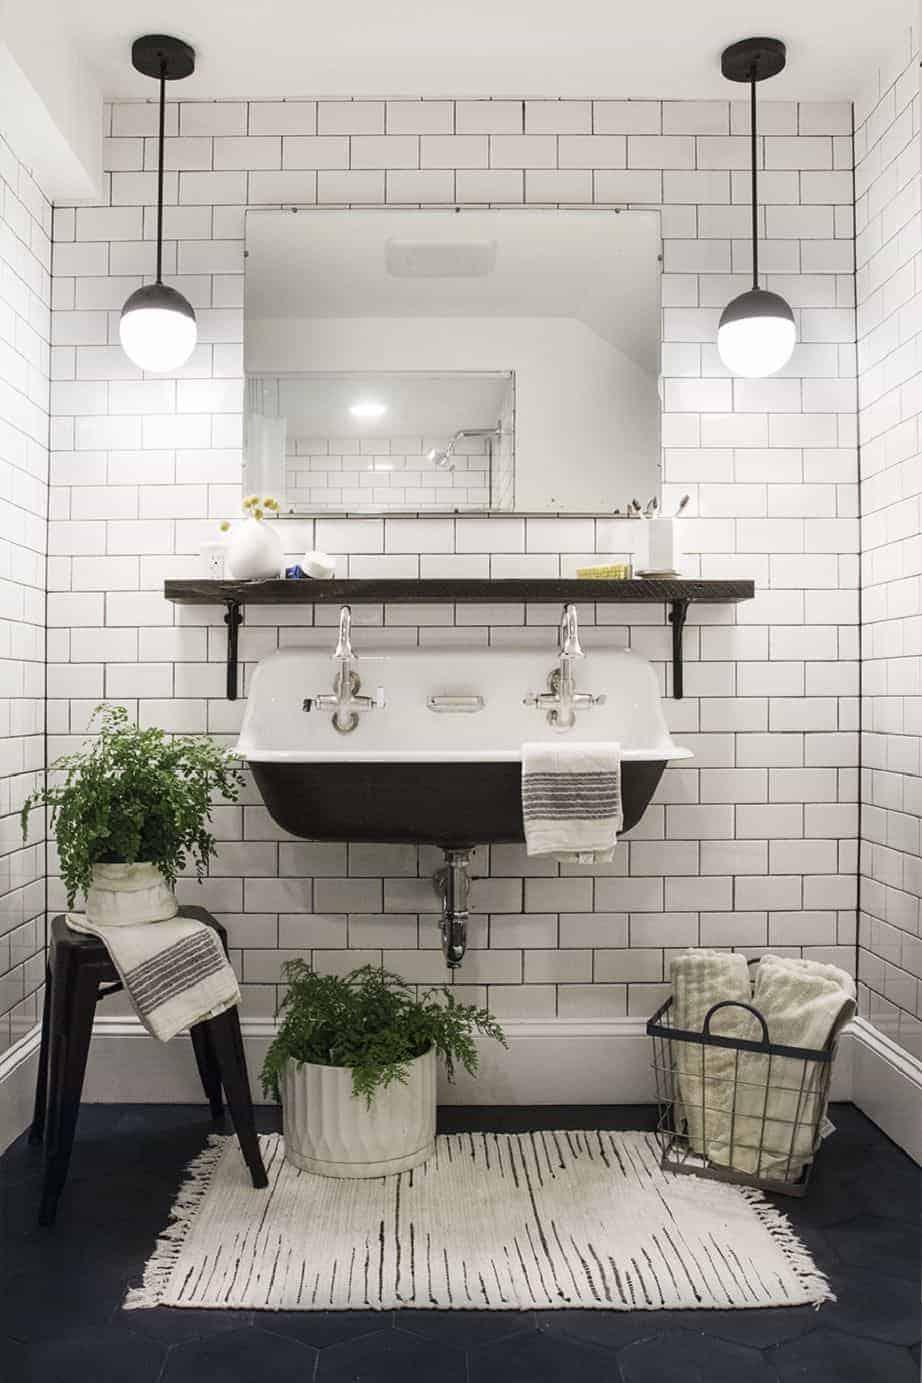 2018 Design Trends For The Bathroom Emily Henderson